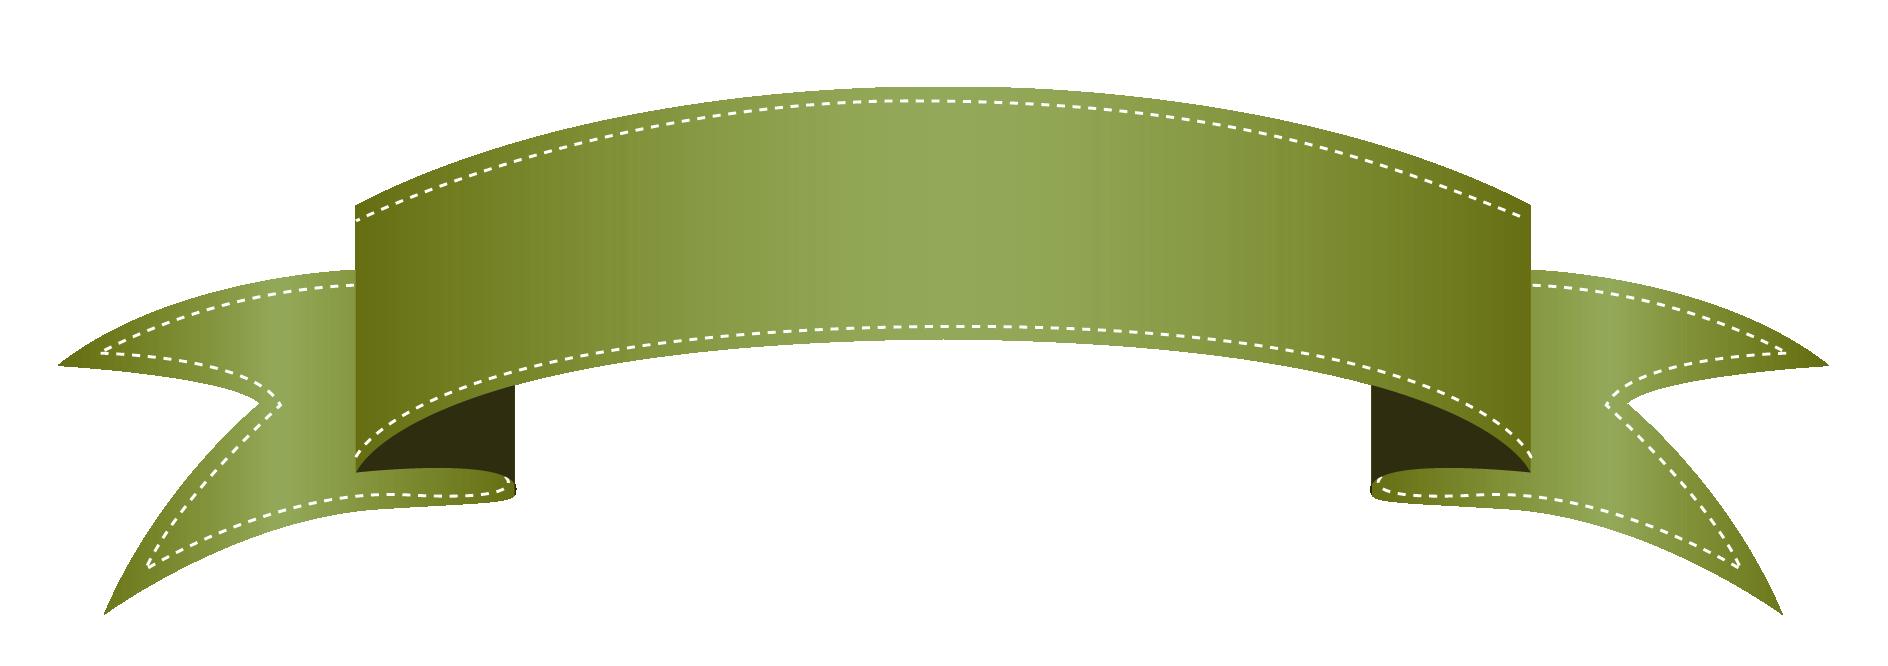 Green Transparent Banner Clipart-Green transparent banner clipart-10